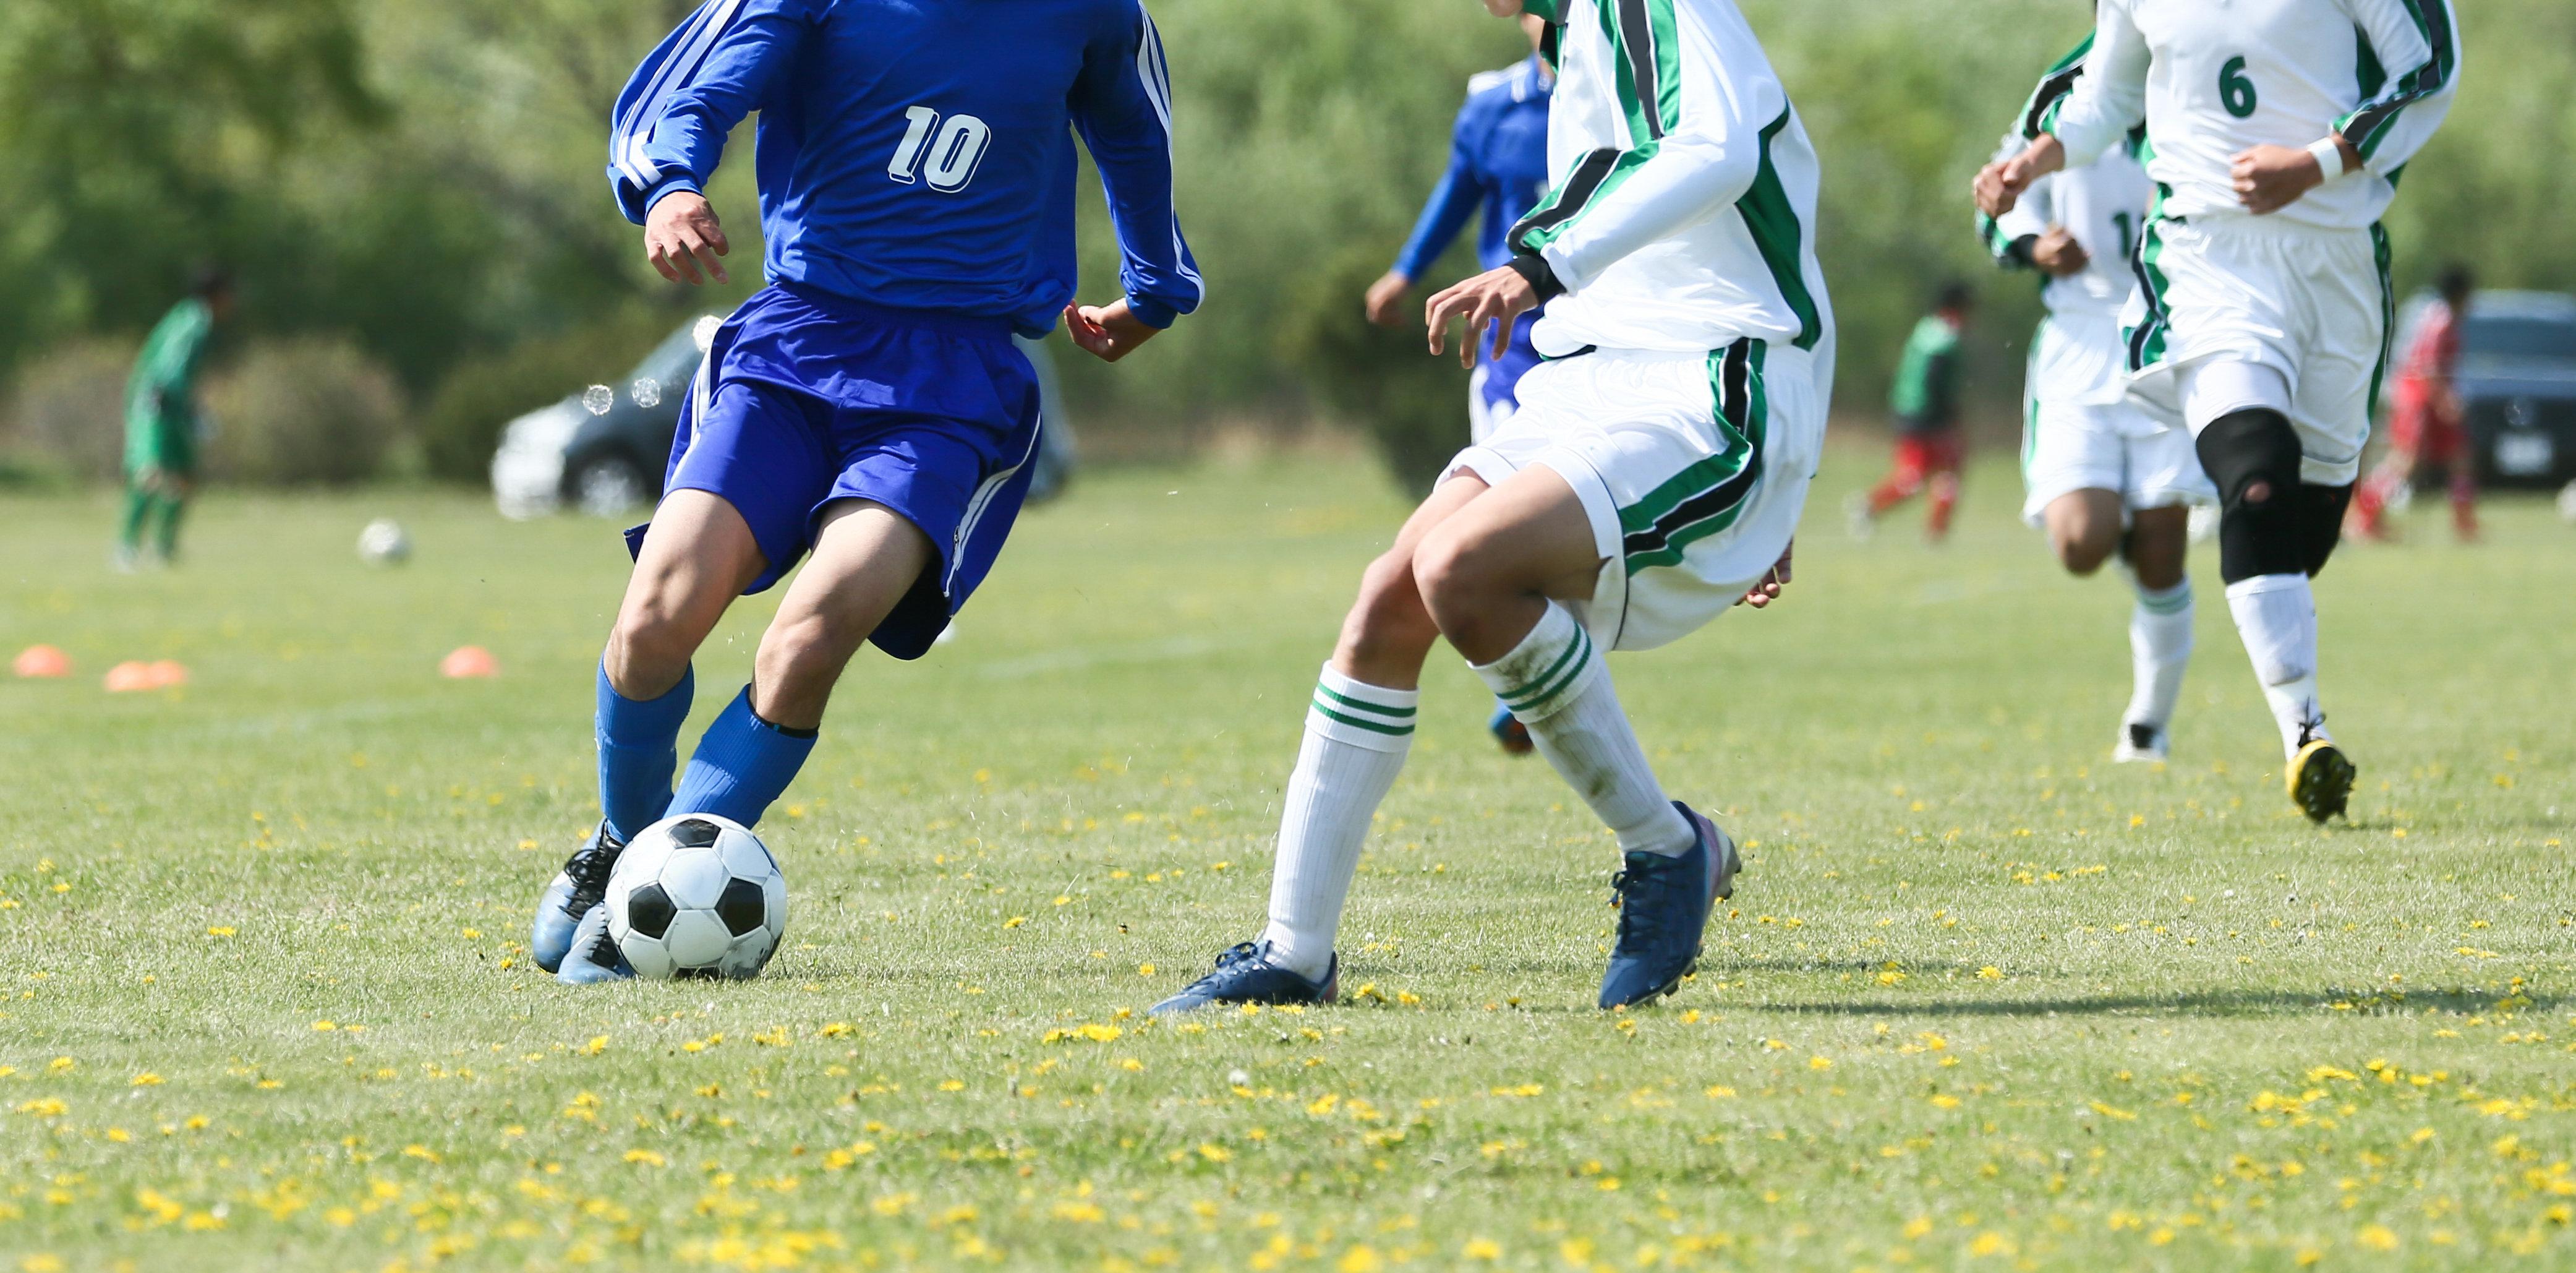 小学校の『部活』をやめる名古屋市で、運動の機会をどうつくる?「鬼ごっこも、スポーツになる」